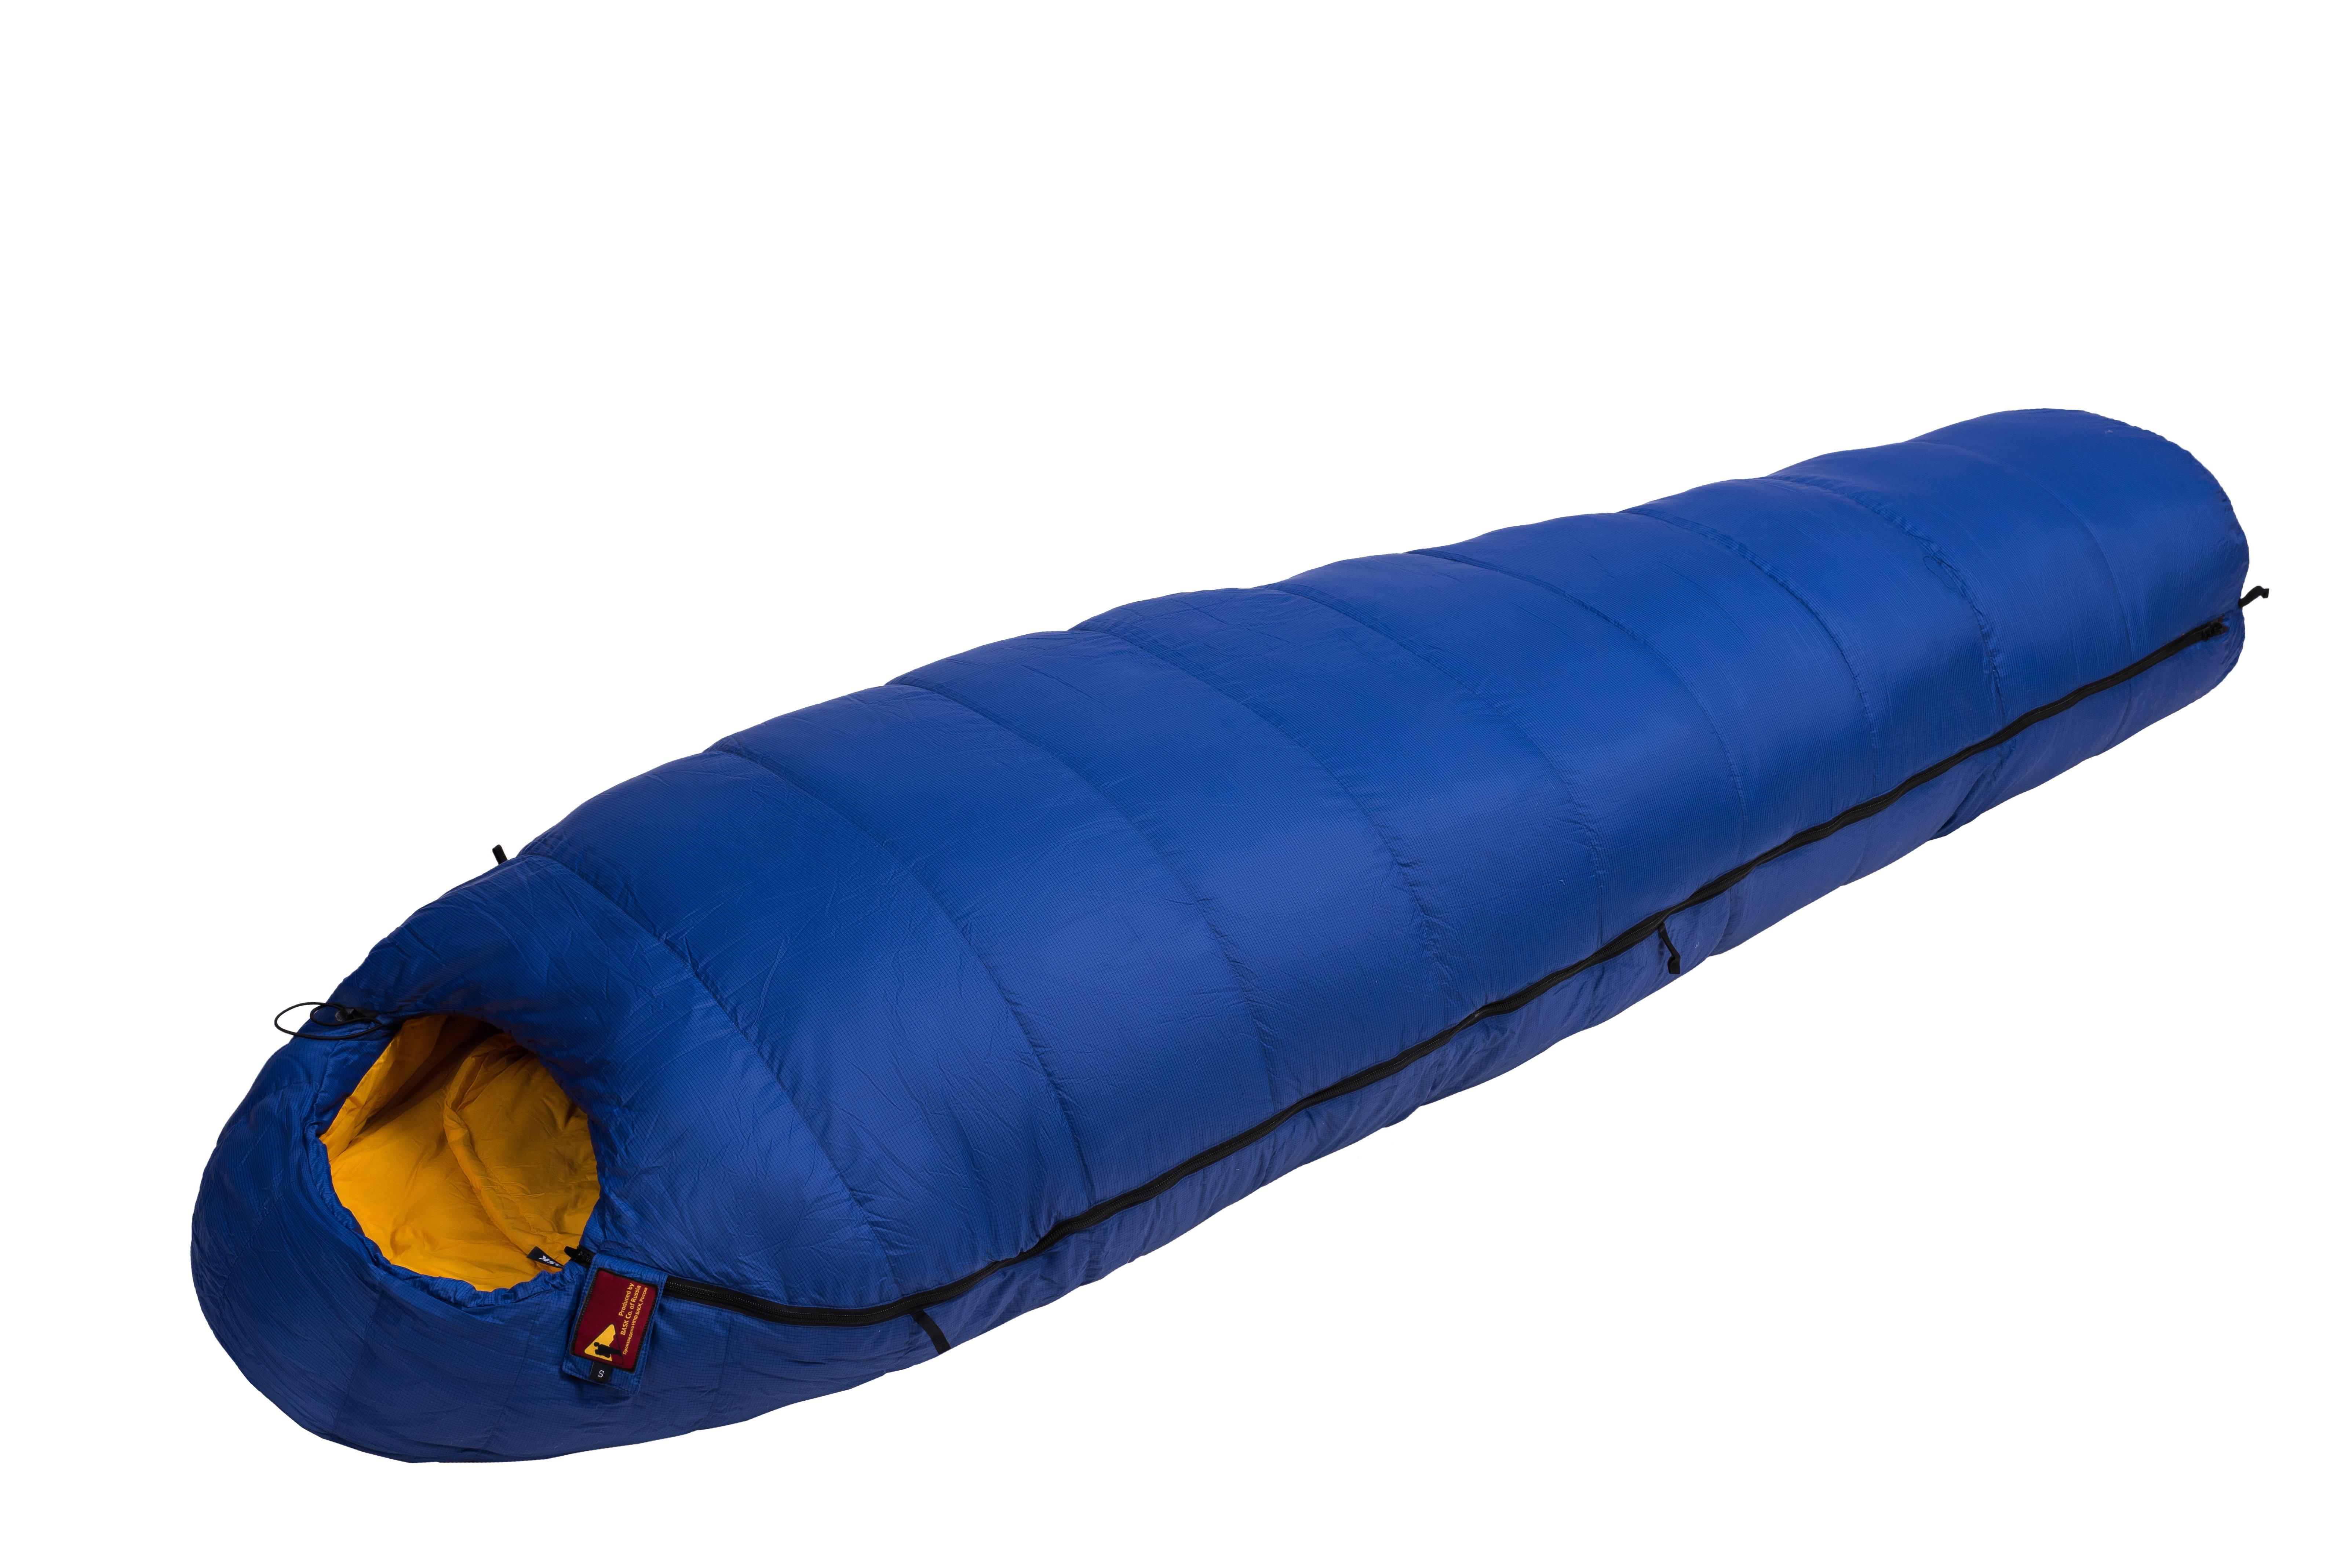 Спальный мешок BASK PAMIRS 600+FP XL 1692aПуховой спальный мешок в форме кокона для экстремальных условий -30 &amp;ordm;С&amp;nbsp;<br><br>Верхняя ткань: Advance® Classic<br>Вес без упаковки: 1540<br>Вес упаковки: 150<br>Вес утеплителя: 903<br>Внутренняя ткань: Advance® Classic<br>Назначение: экстремальный<br>Наличие карманов: Да<br>Наполнитель: пух<br>Нижняя температура комфорта °C: -11<br>Подголовник/Капюшон: Да<br>Показатель Fill Power (для пуховых изделий): 670<br>Пол: унисекс<br>Размер в упакованном виде (диаметр х длина): 24x50<br>Размеры наружные (внутренние): 228х205х85х58<br>Система расположения слоев утеплителя или пуховых пакетов: смещенные швы<br>Температура комфорта °C: -4<br>Тесьма вдоль планки: Да<br>Тип молнии: двухзамковая-разъёмная<br>Тип утеплителя: натуральный<br>Утеплитель: гусиный пух<br>Утепляющая планка: Да<br>Форма: кокон<br>Шейный пакет: Да<br>Экстремальная температура °C: -30<br>Размер INT: L<br>Цвет: СИНИЙ